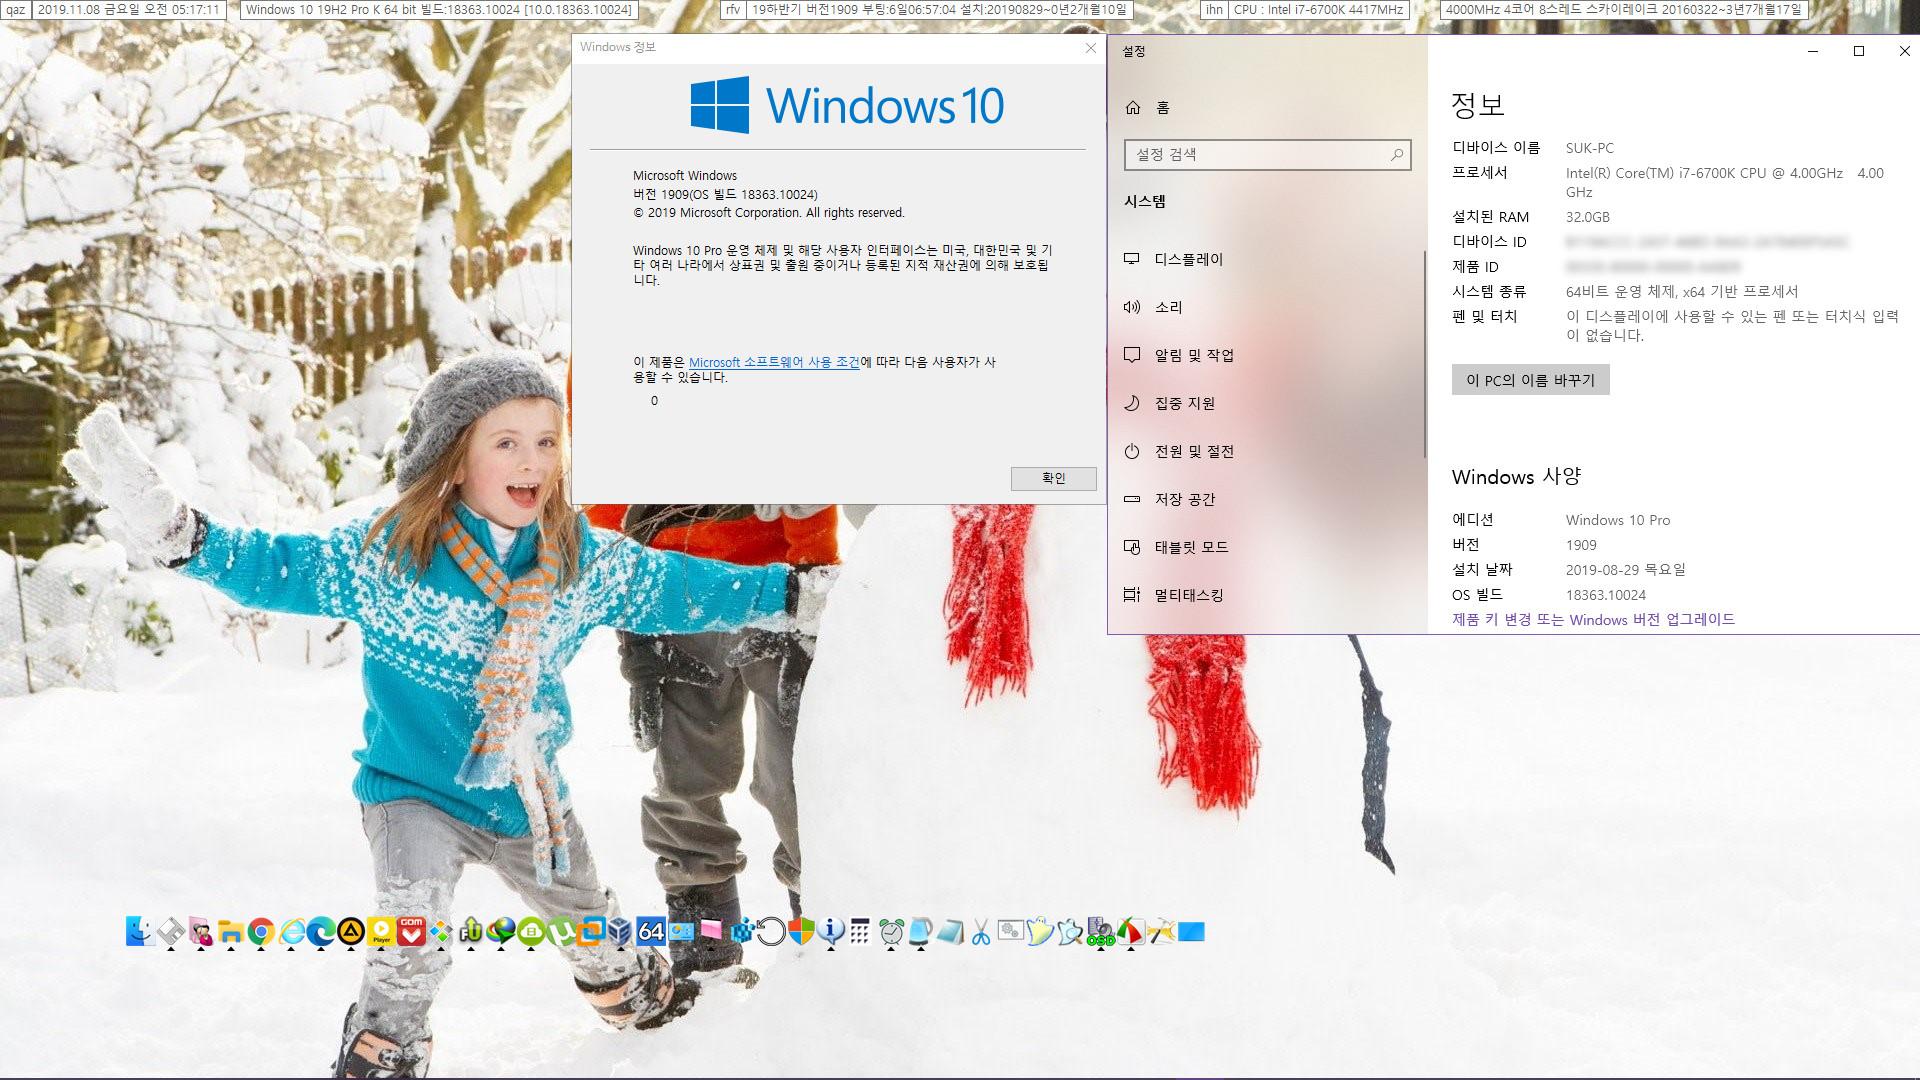 Windows 10 19H2 (버전 1909, OS 빌드 18363.10024) 잠시 사용하고, 11월 13일 수요일 정기 업데이트 나오면 갈아타야겠습니다 - MacDock [로켓독 후속] 사용중 입니다. 은근히 곤란한 점이 있네요 2019-11-08_051711.jpg